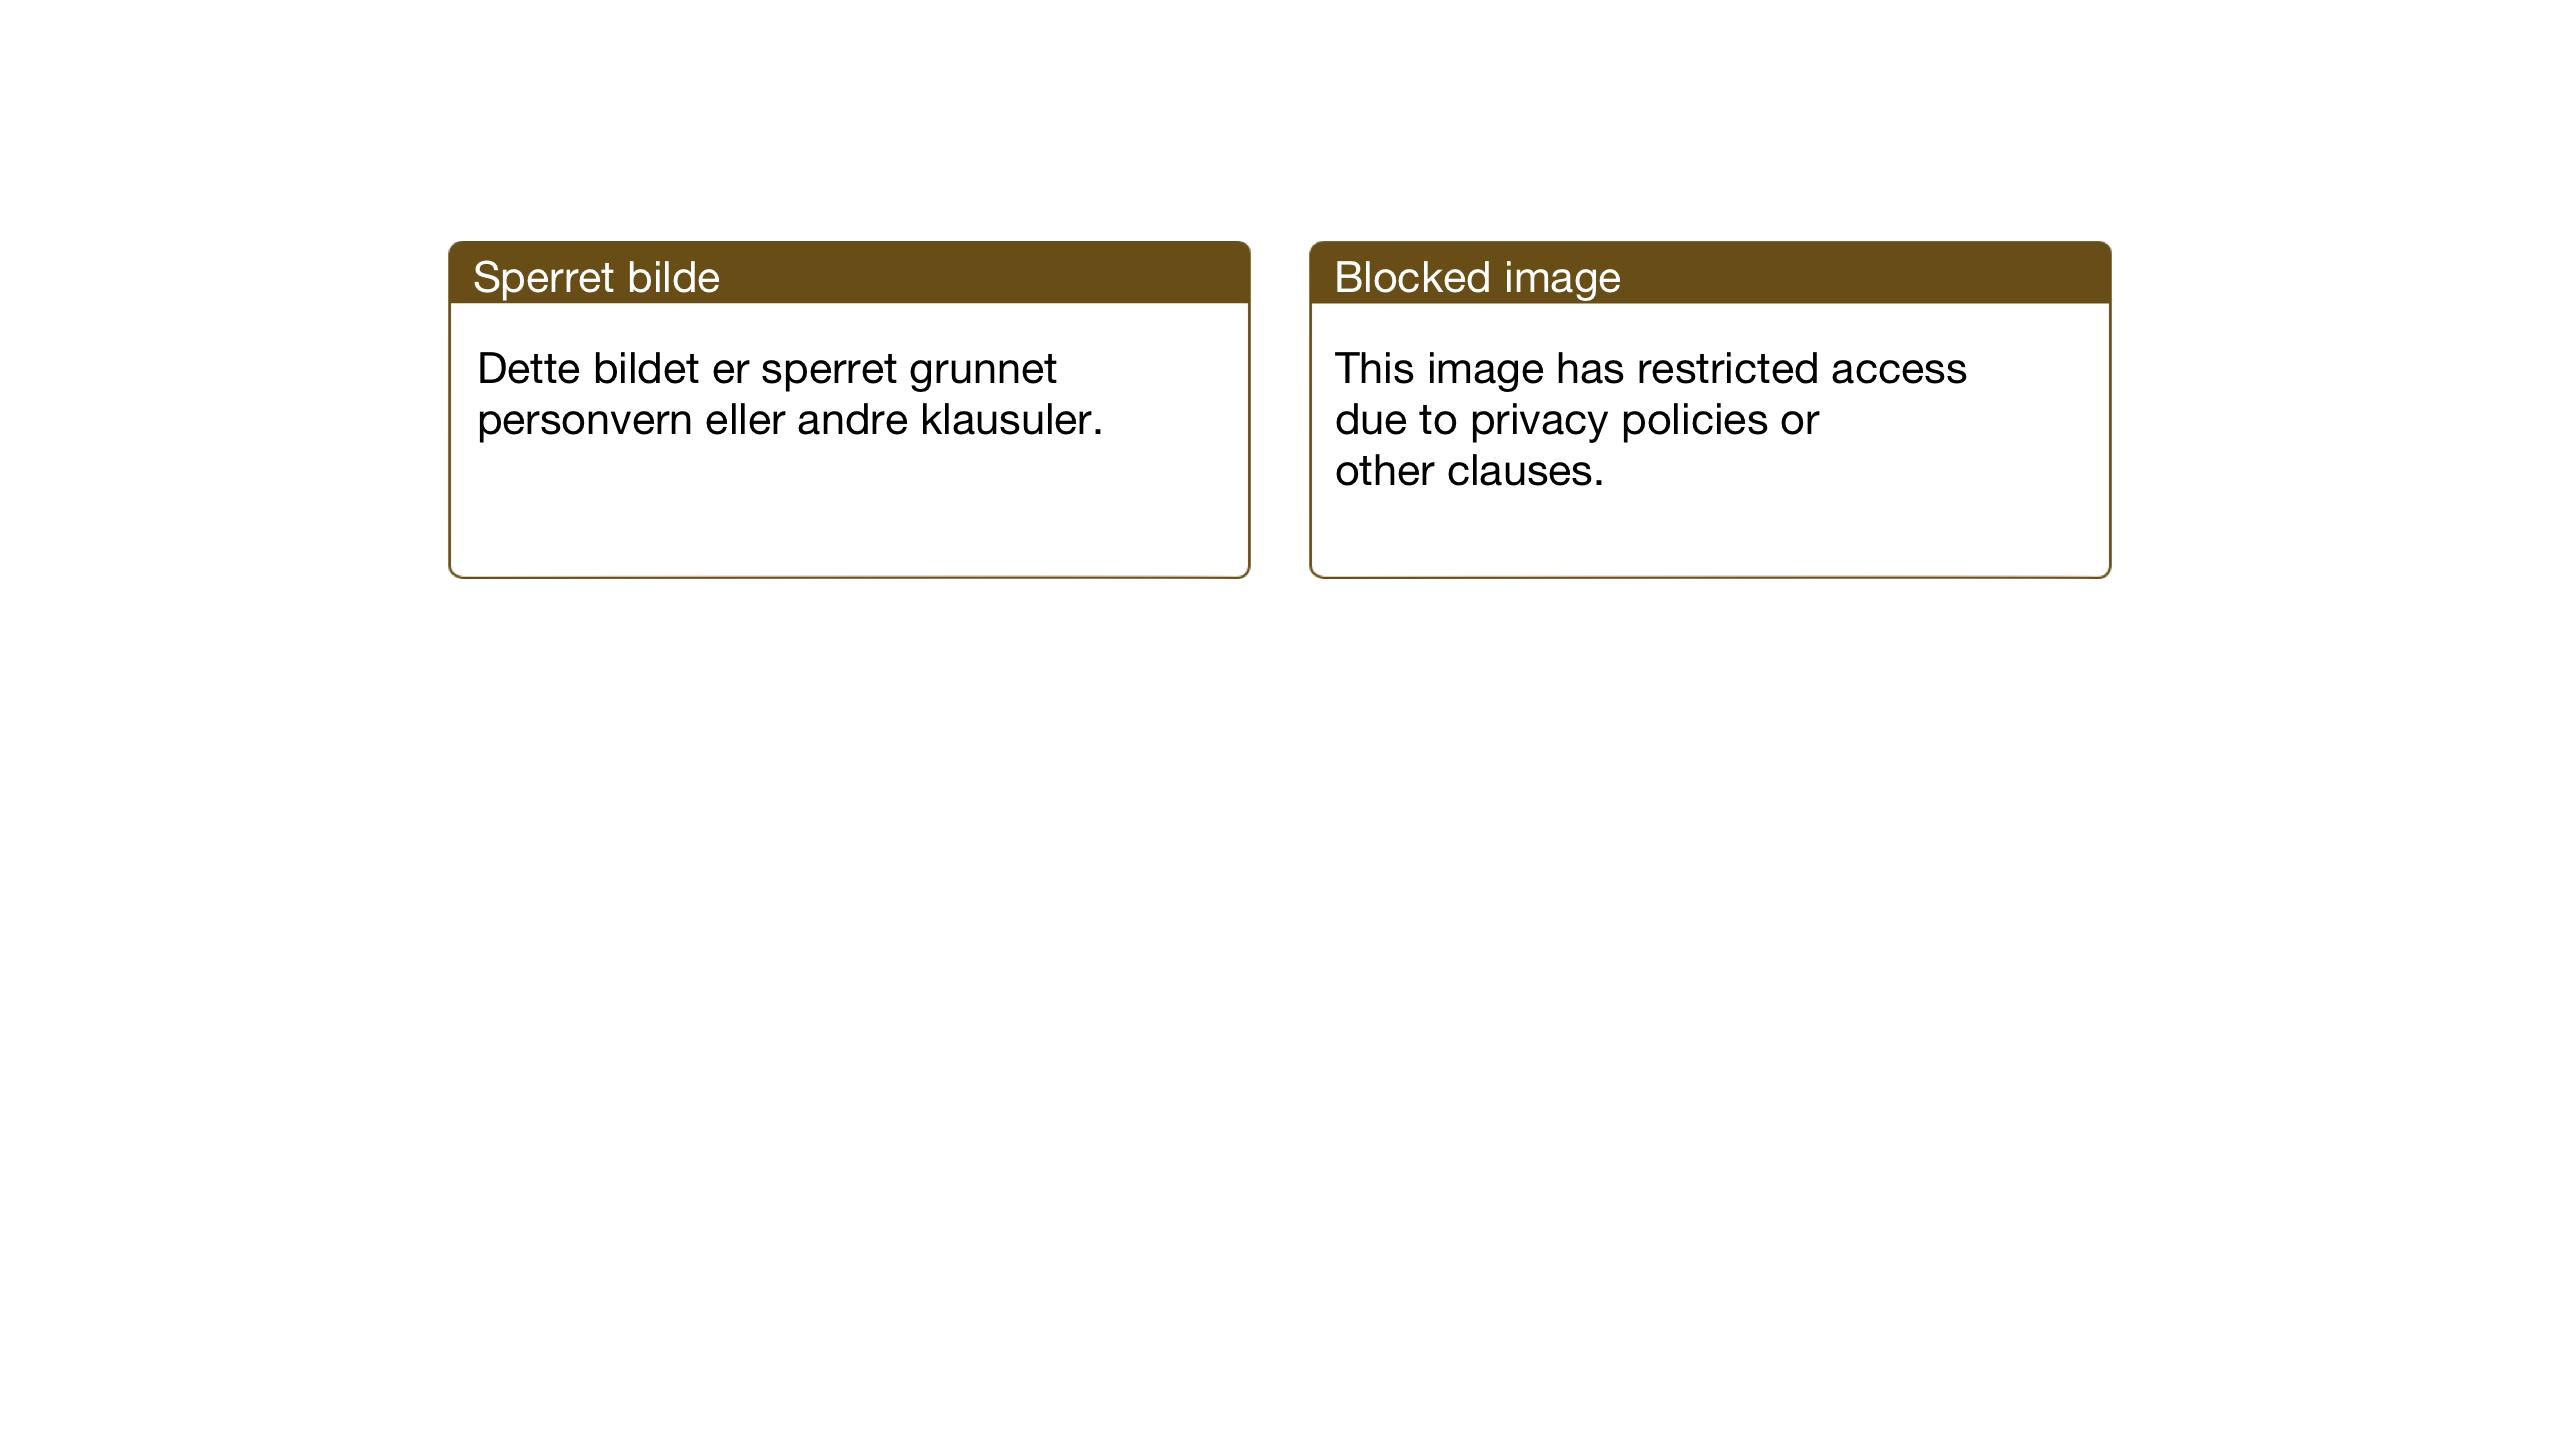 SAT, Ministerialprotokoller, klokkerbøker og fødselsregistre - Nord-Trøndelag, 768/L0583: Klokkerbok nr. 768C01, 1928-1953, s. 45